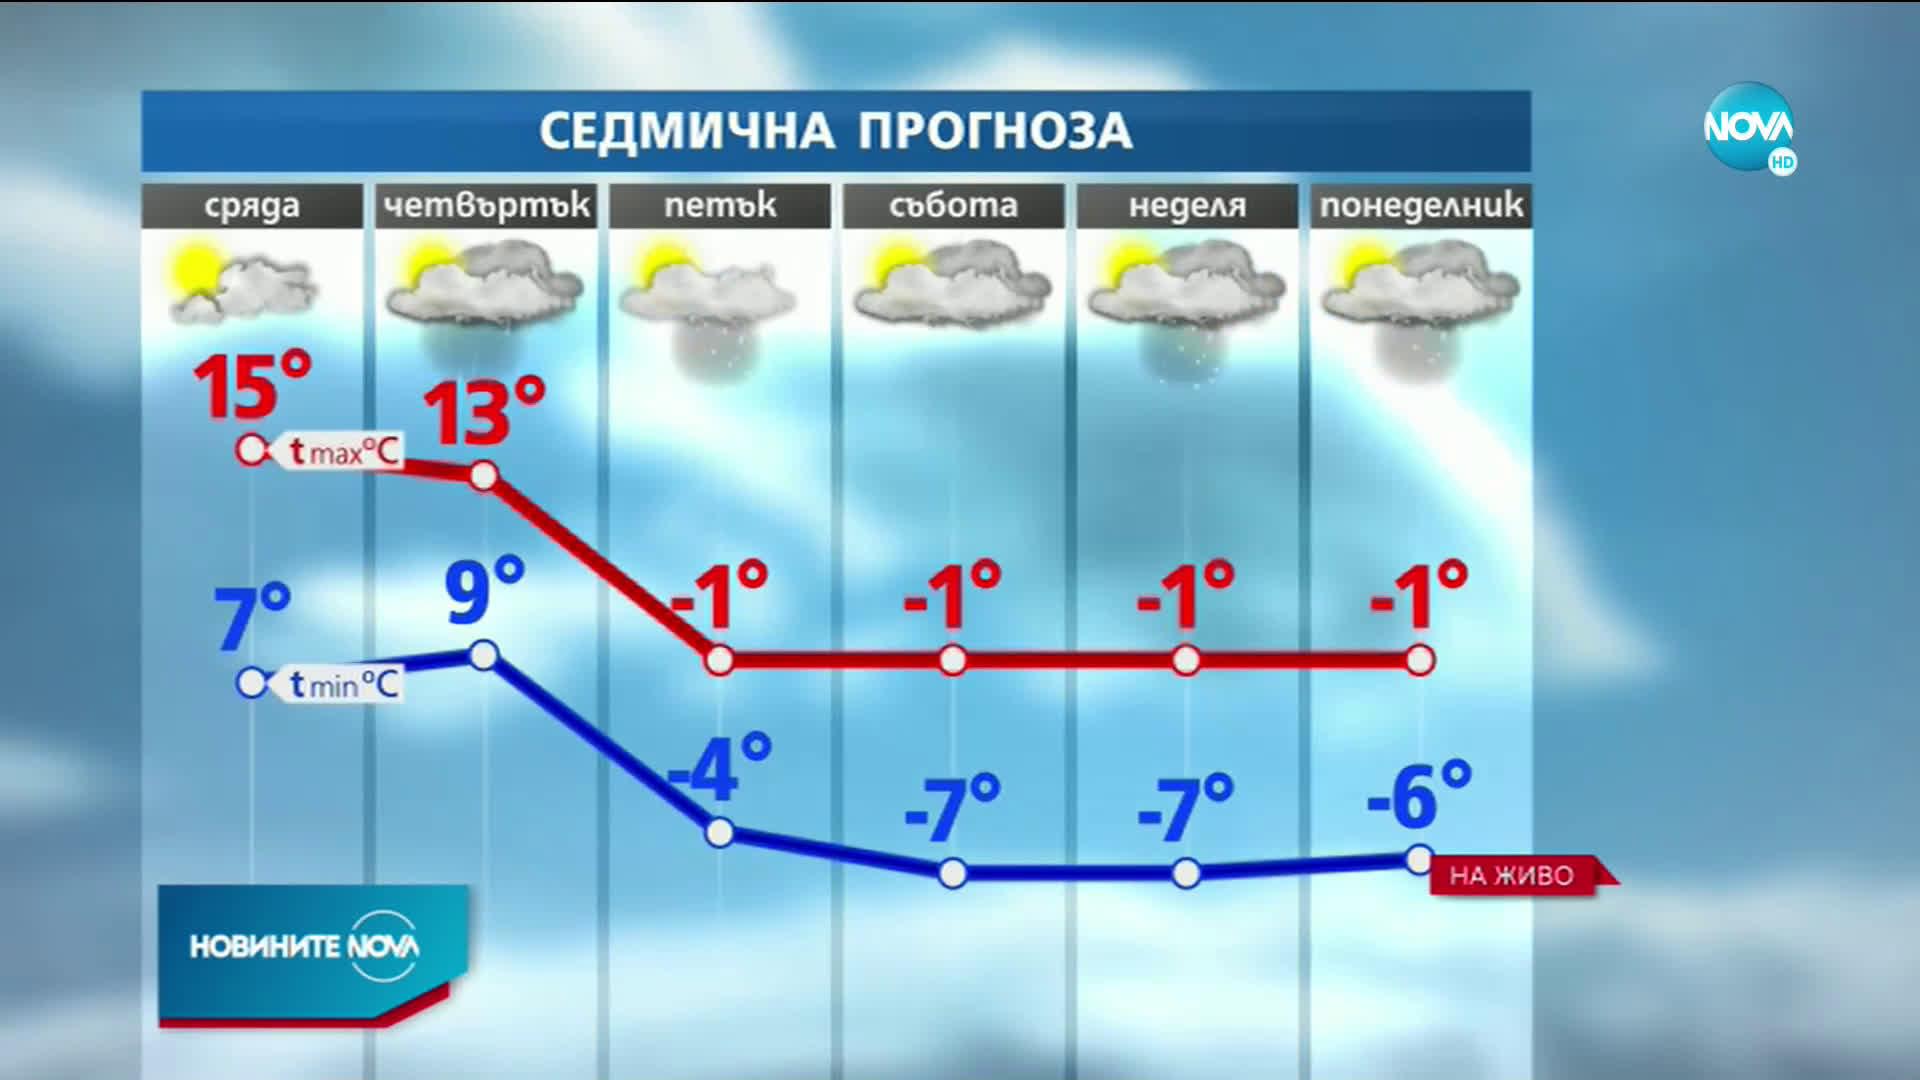 Температурите падат с до 25 градуса в края на седмицата